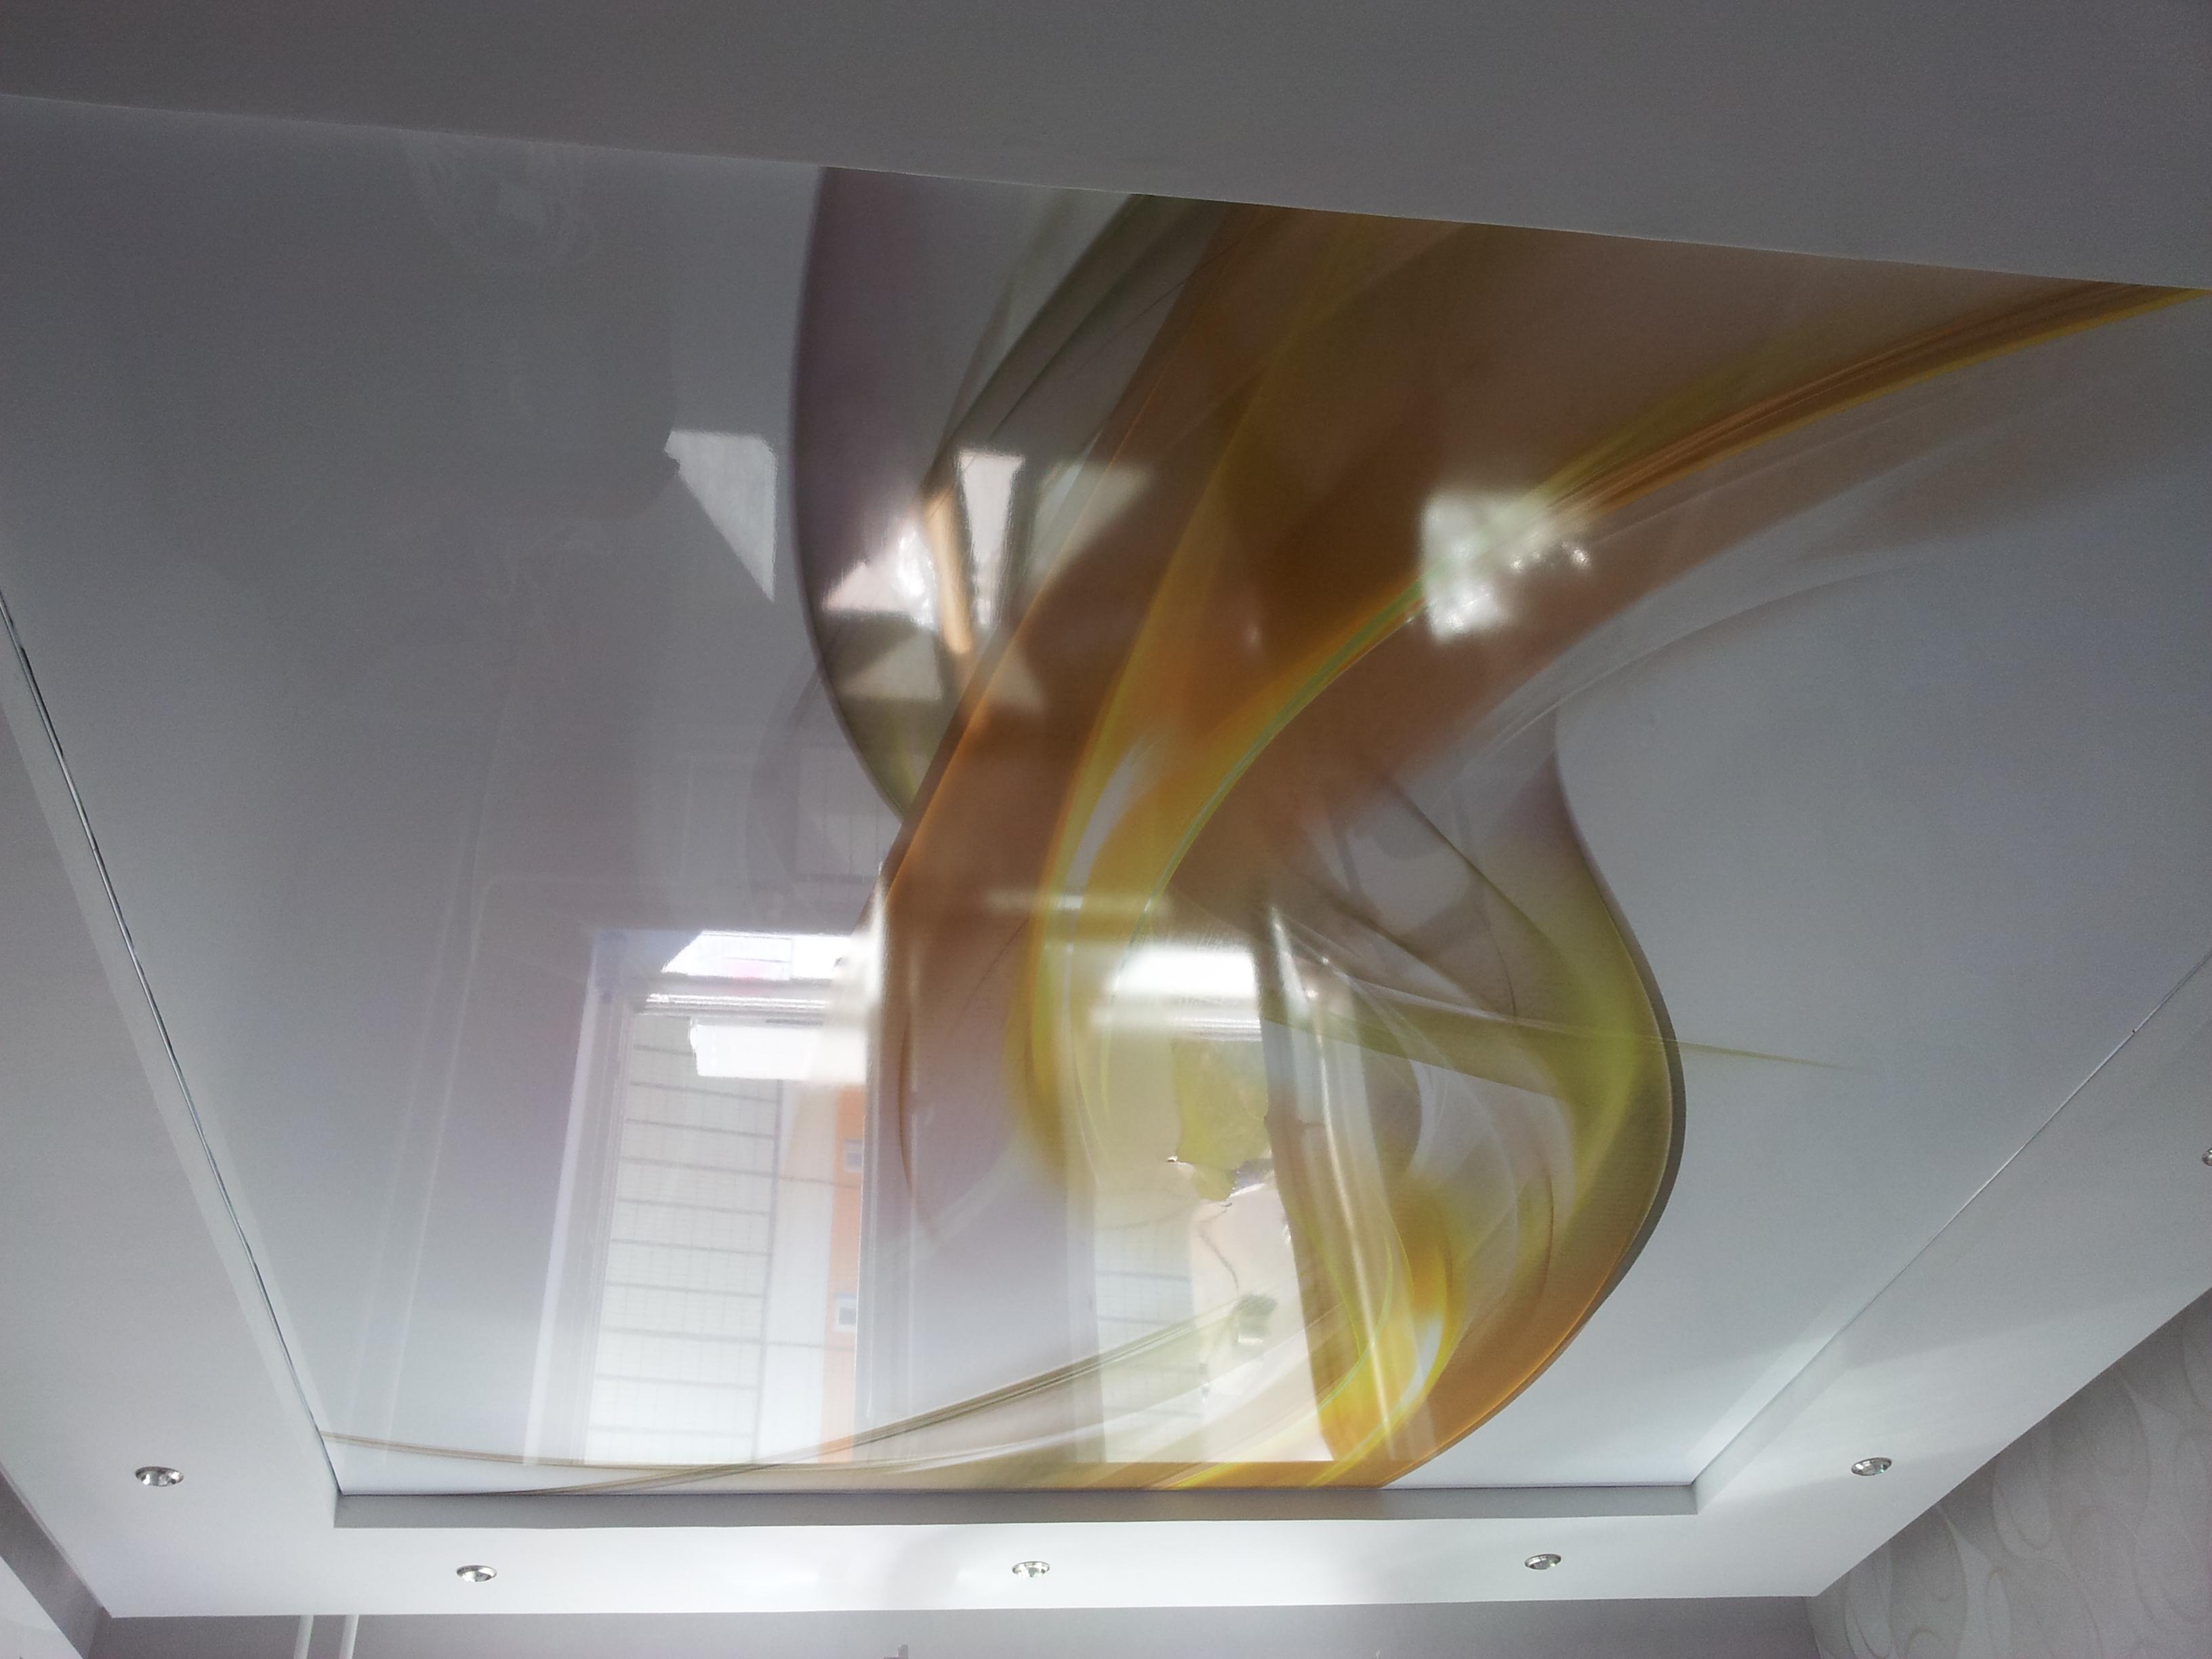 только натяжной потолок с абстракцией фото строчки